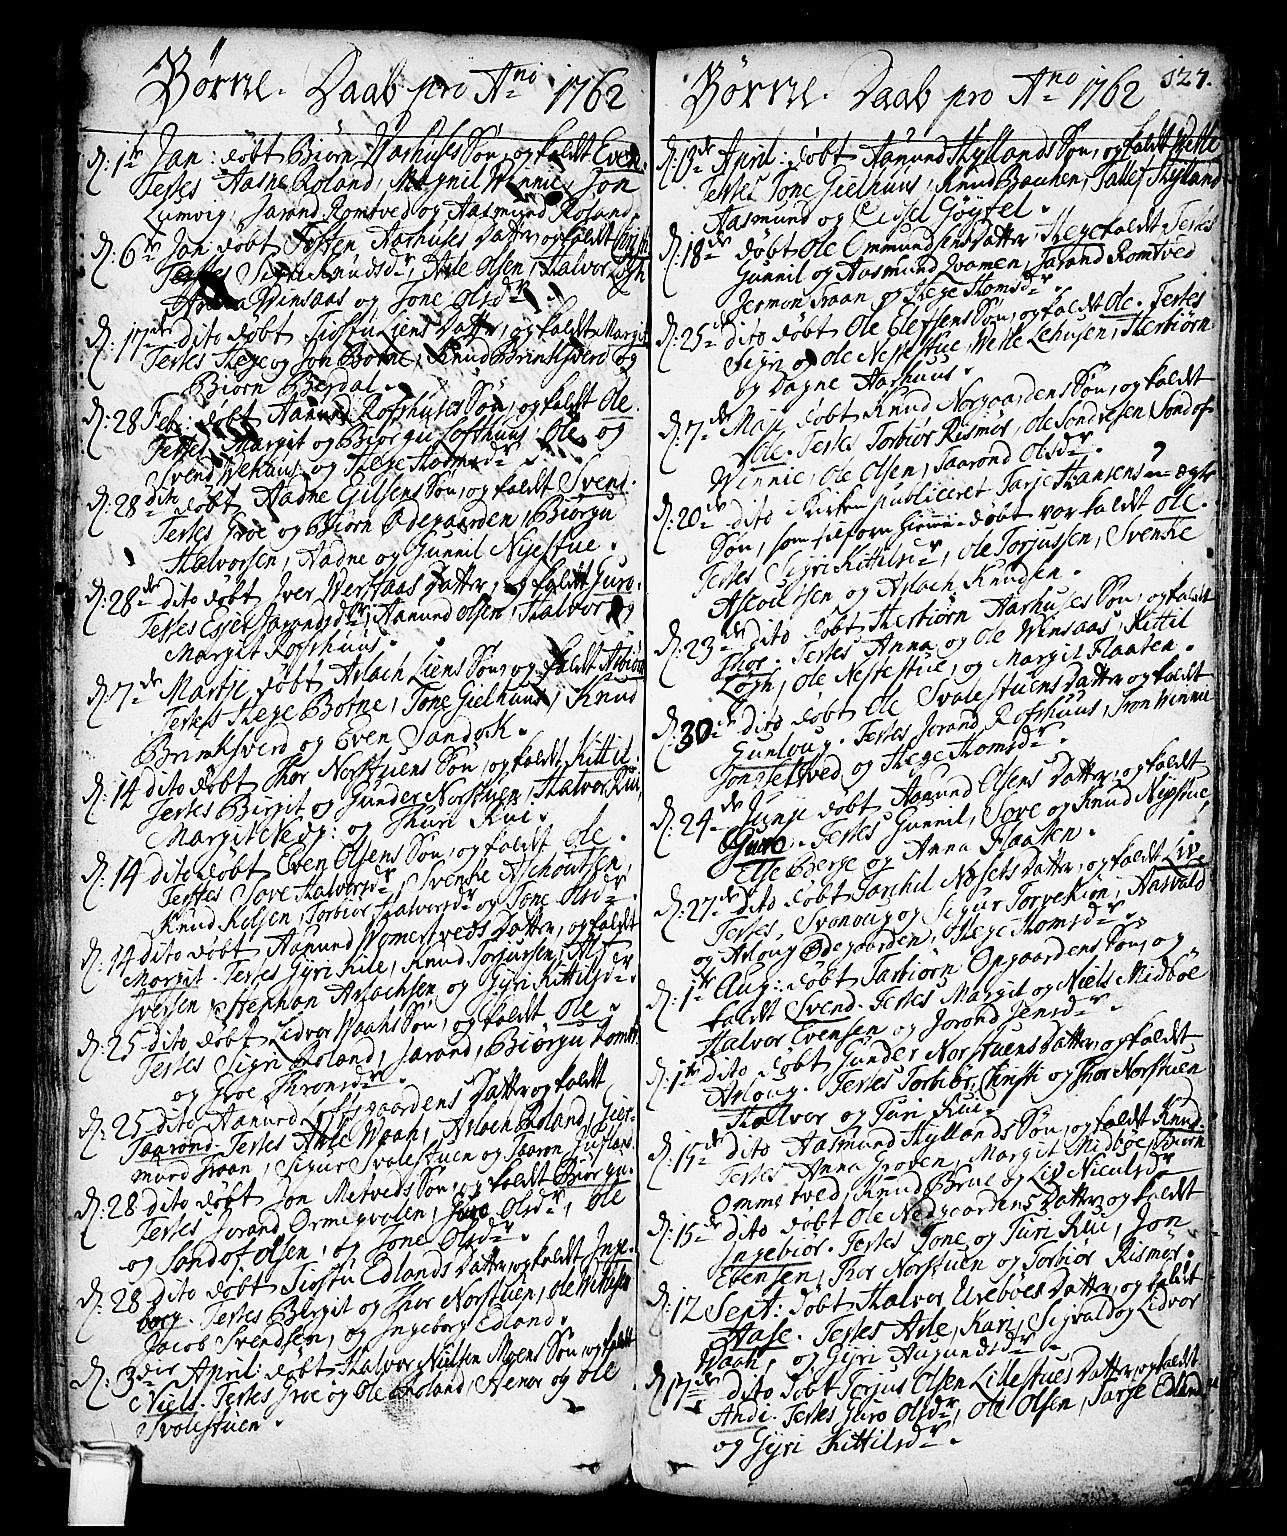 SAKO, Vinje kirkebøker, F/Fa/L0001: Ministerialbok nr. I 1, 1717-1766, s. 127